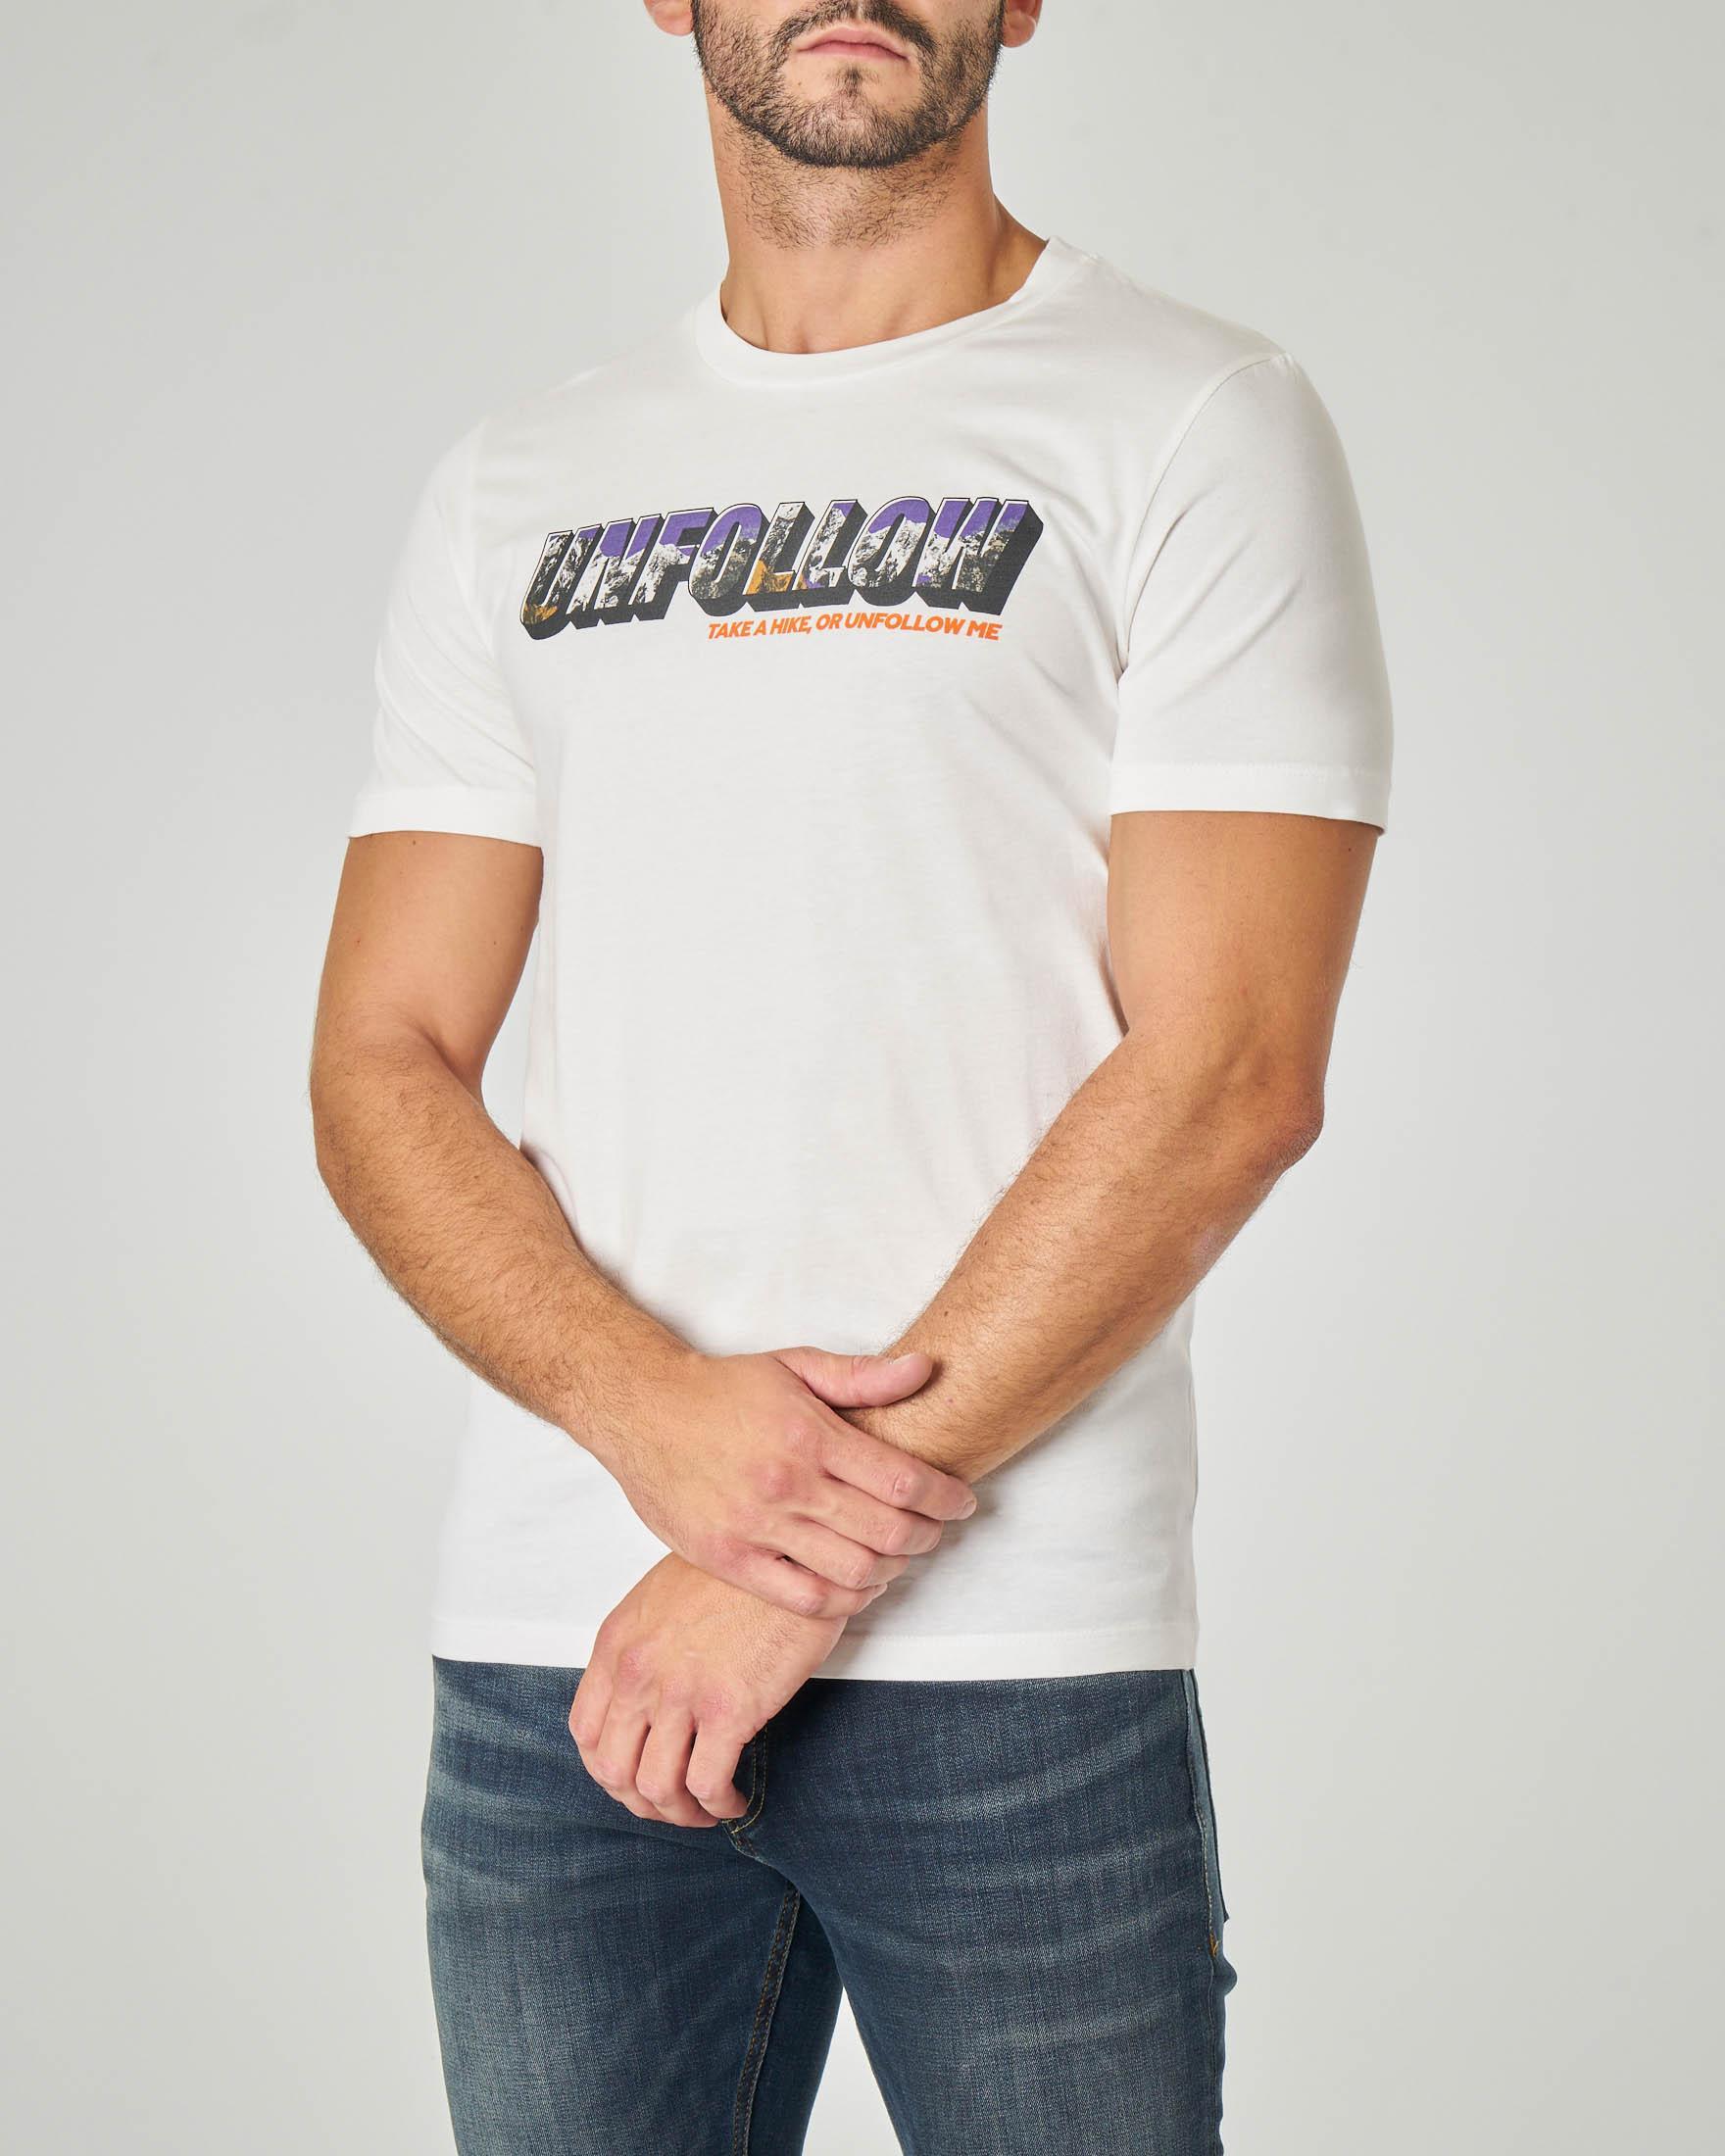 T-shirt bianca mezza manica con stampa scritta grafica